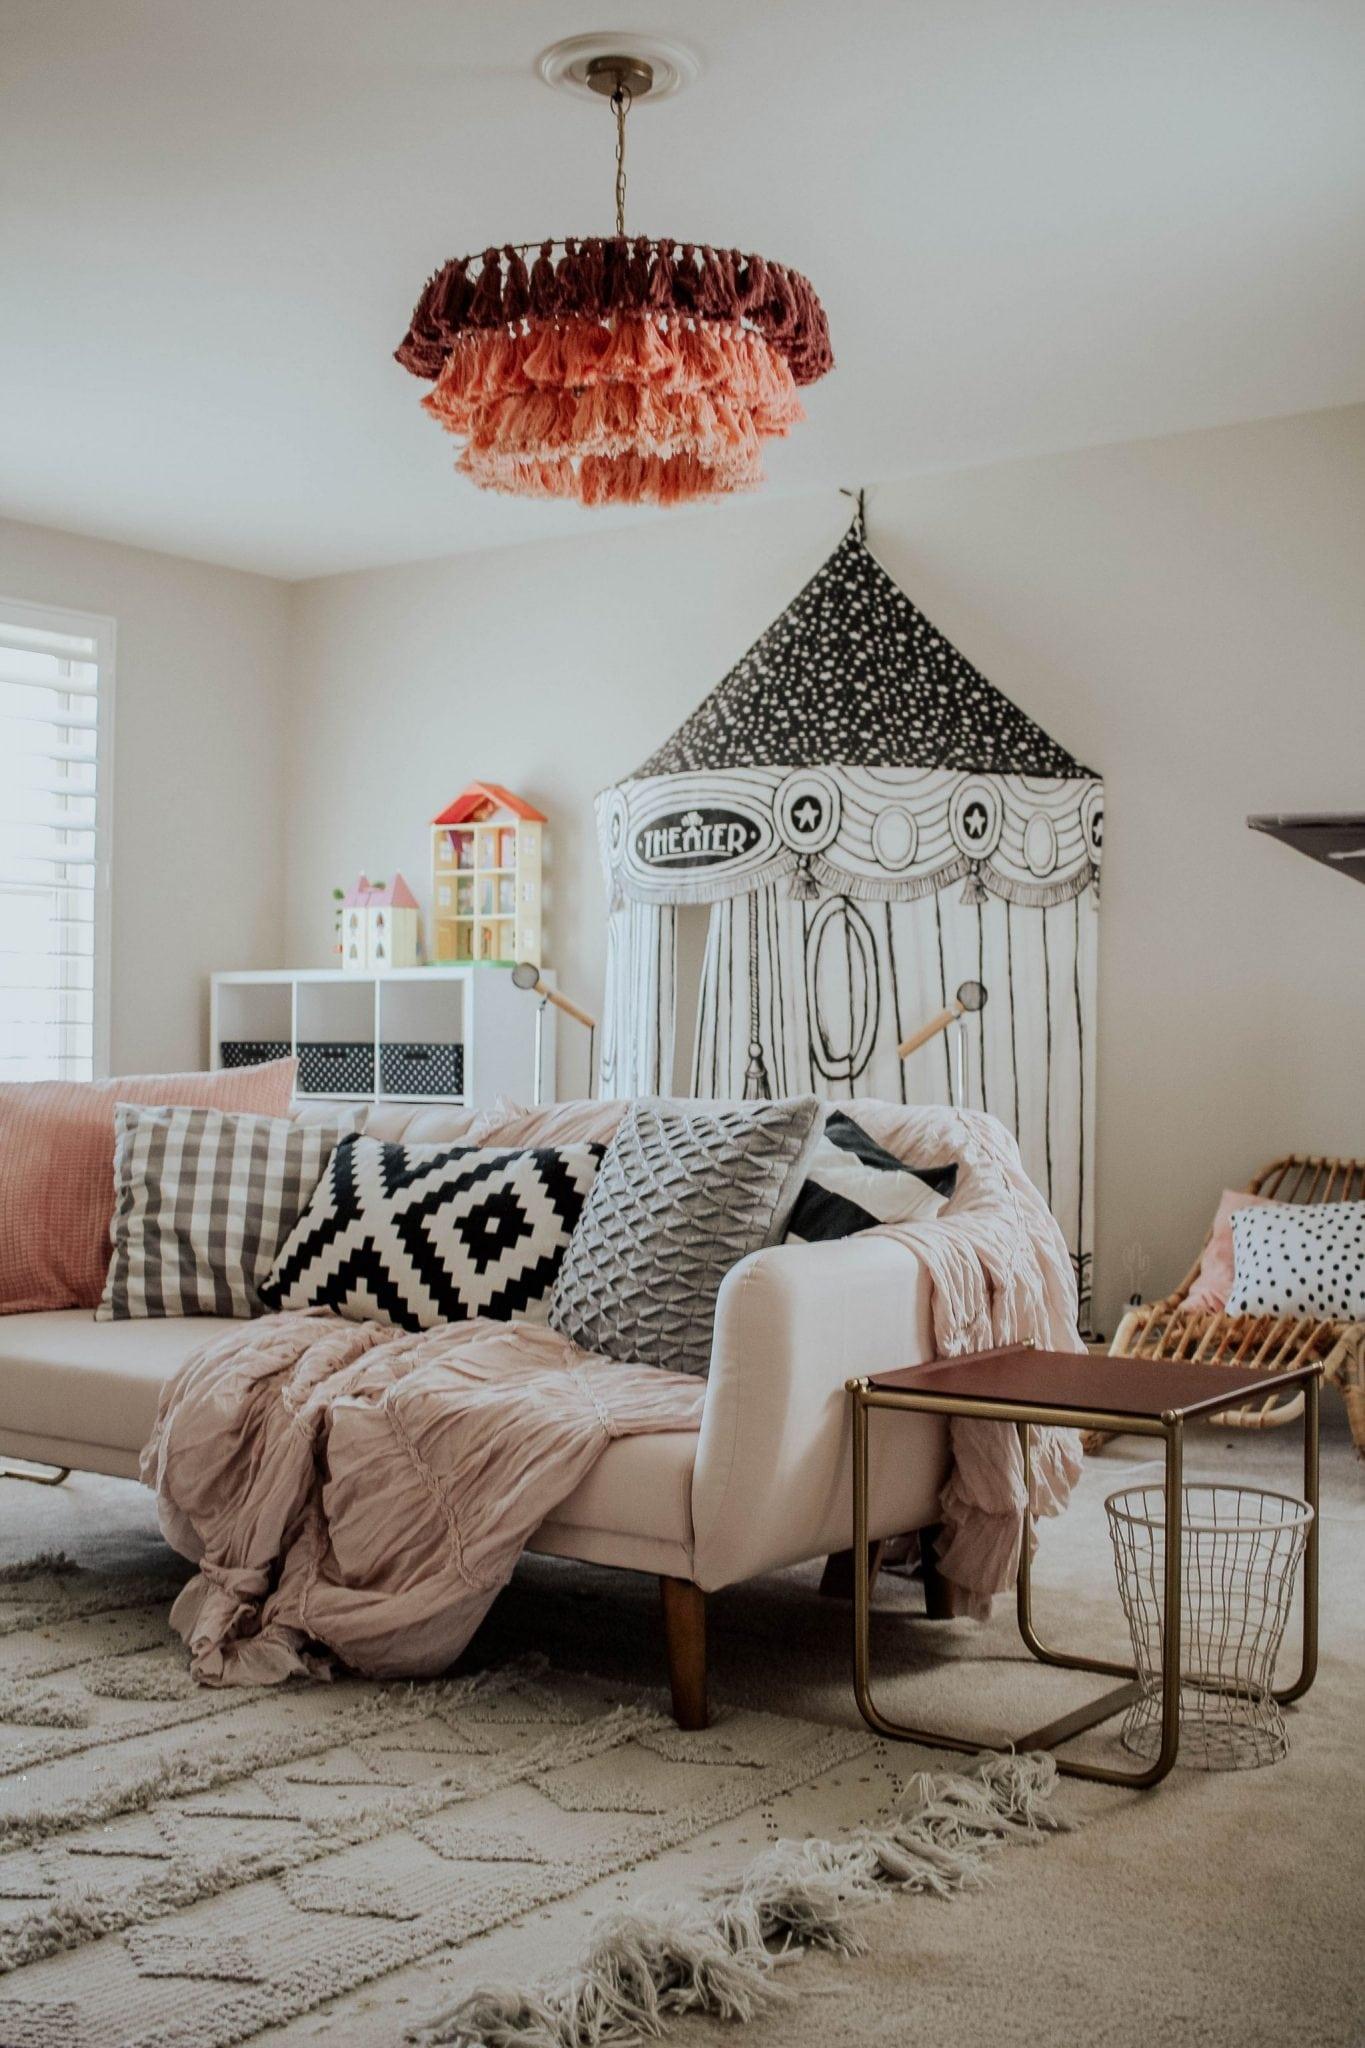 Ideas for Your Playroom Decor